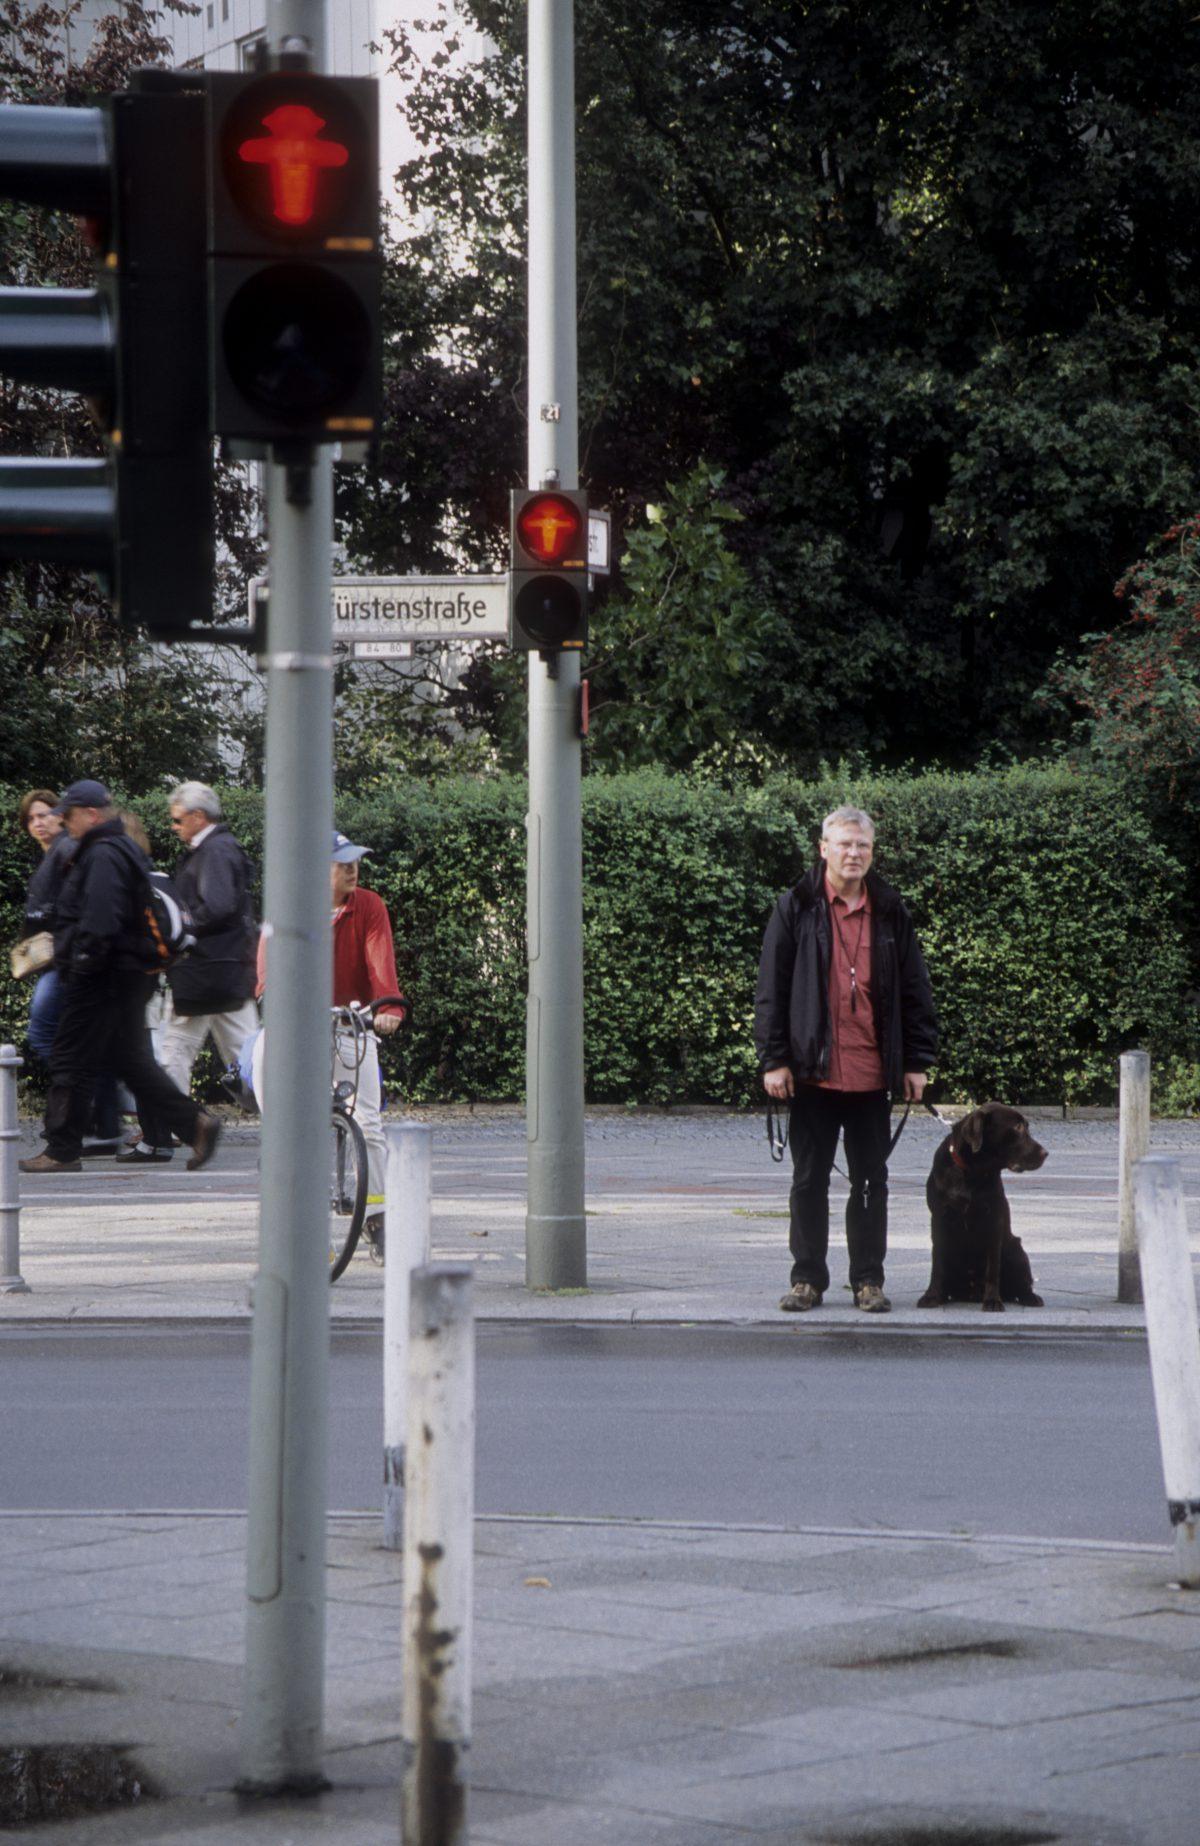 Ampelmännchen, male, animal, street